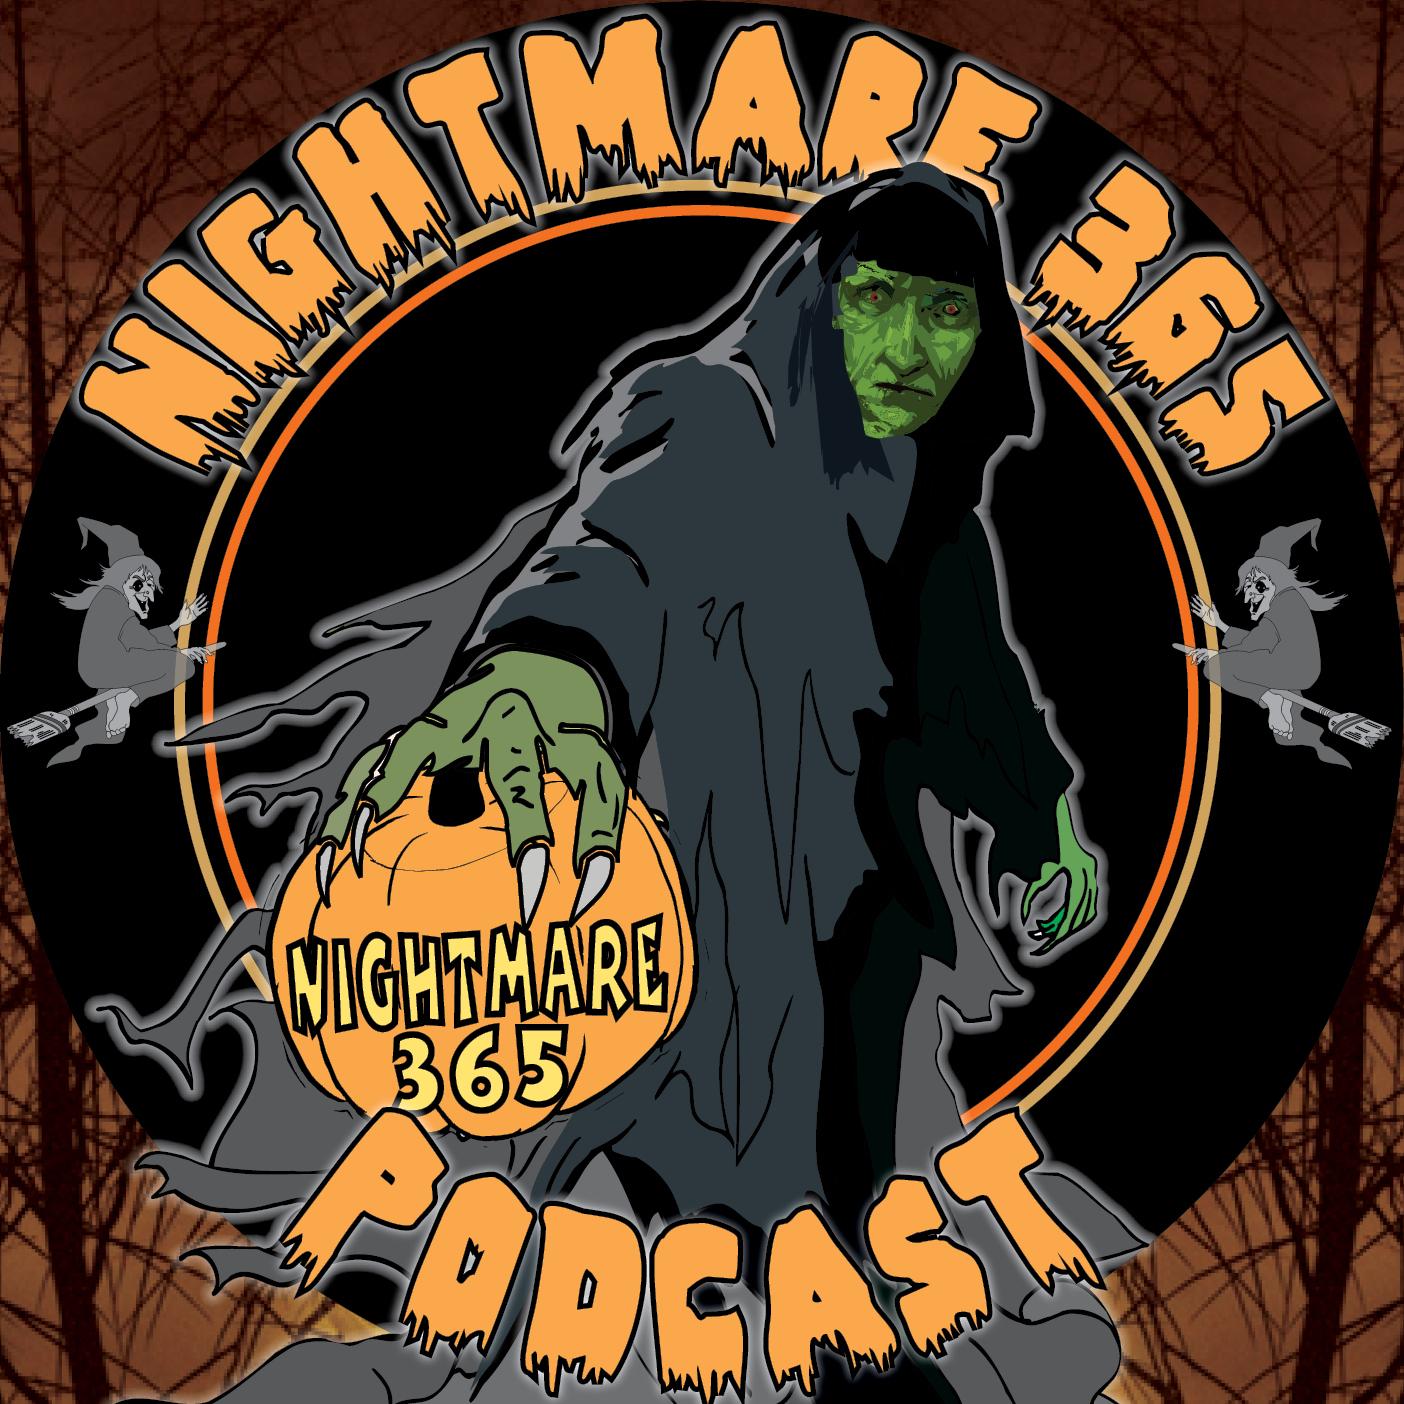 Nightmare 365